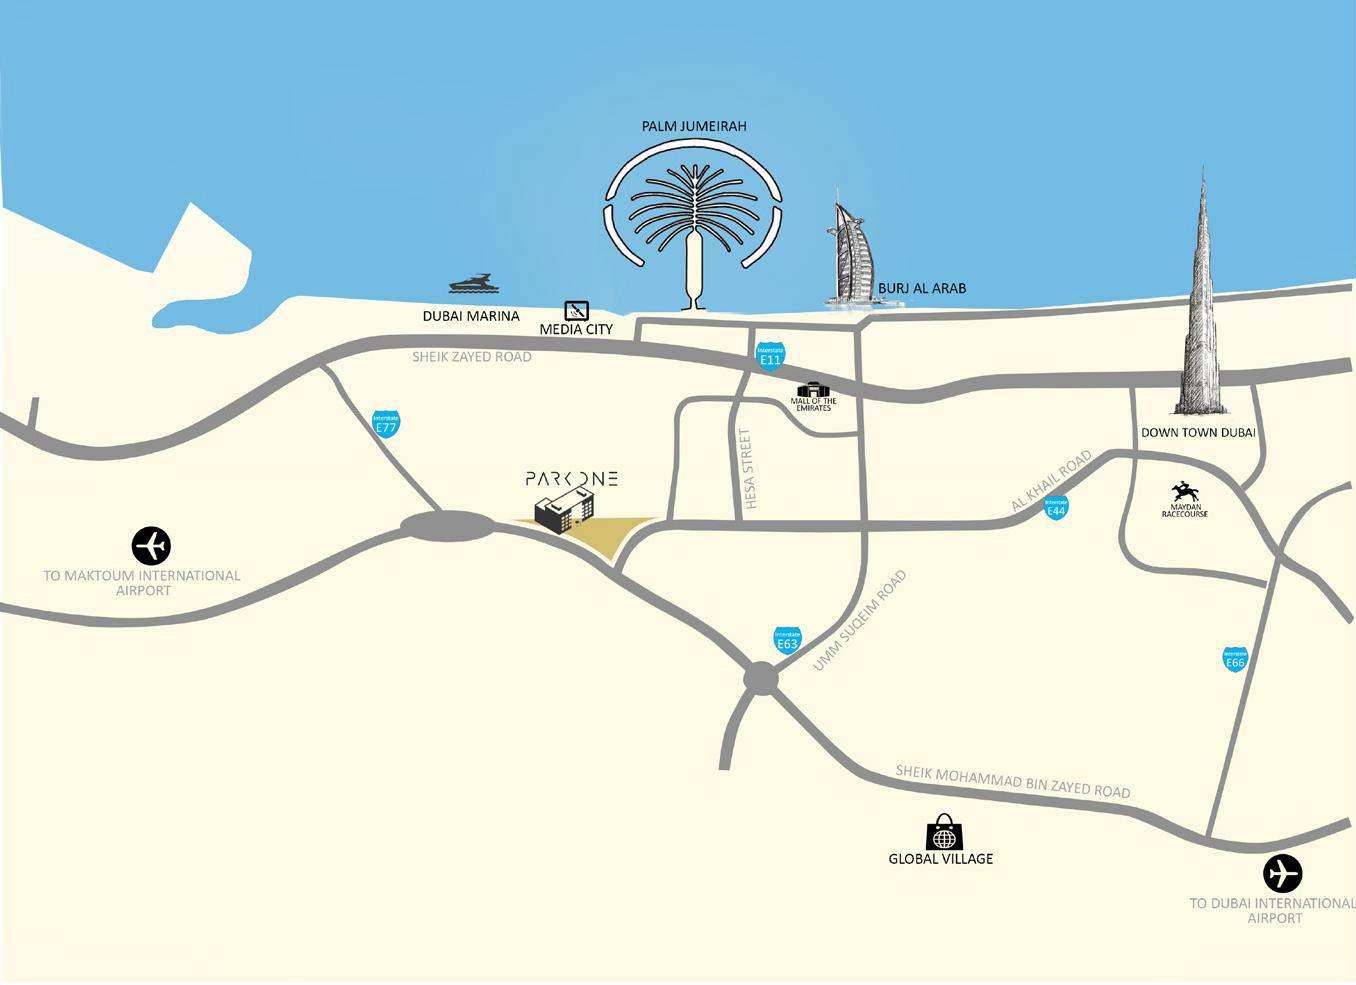 شقق-بارك-وان خريطة الموقع